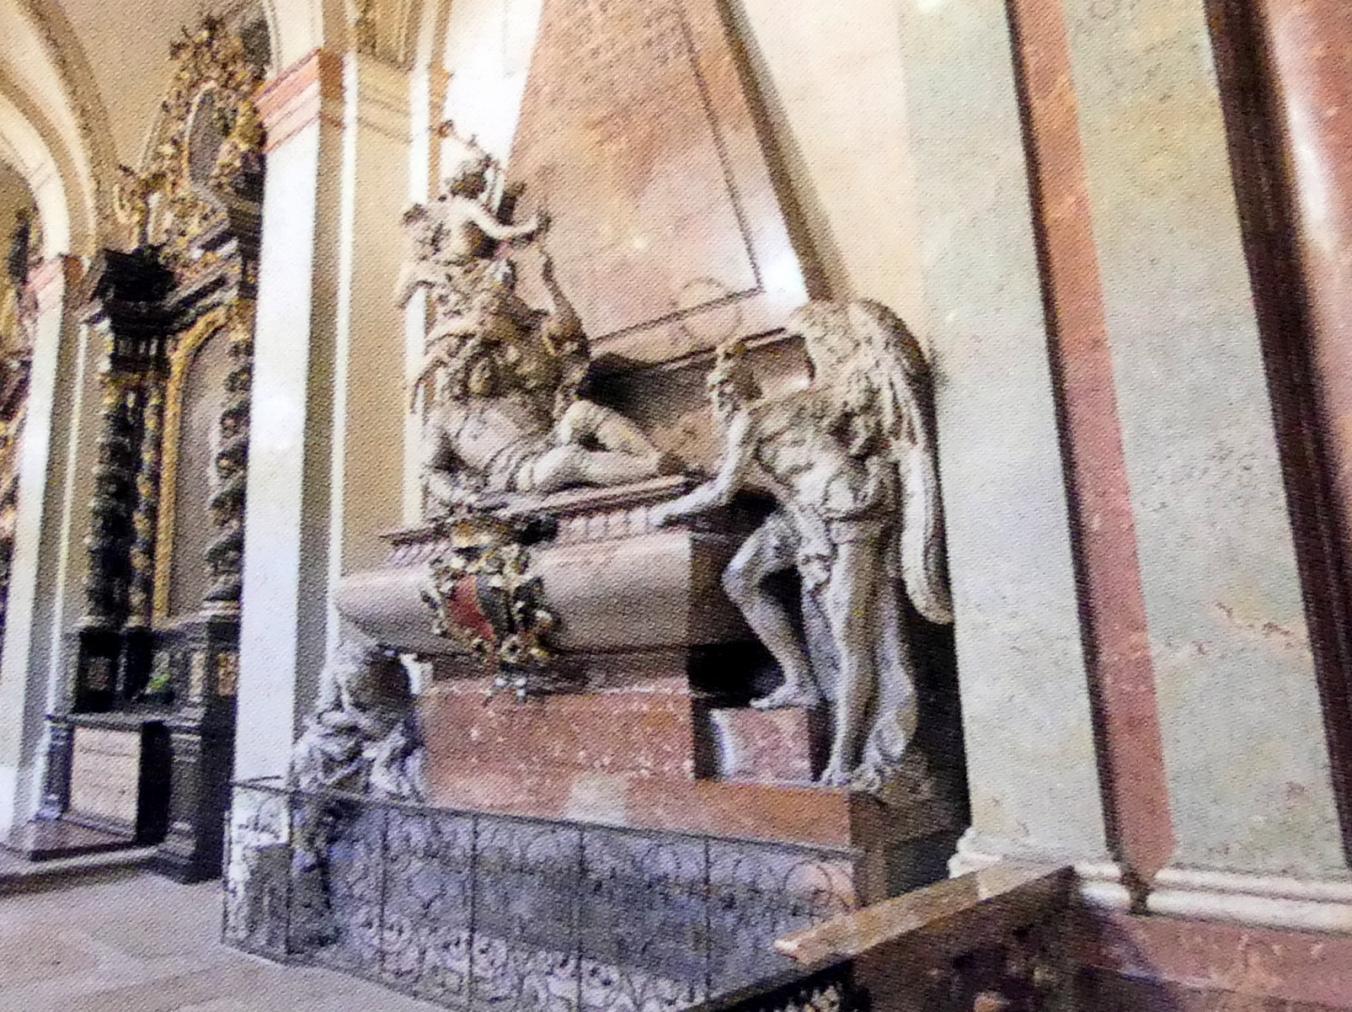 Ferdinand Maximilian Brokoff: Grabmal des Grafen Johann Wenzel Wratislaw von Mitrowitz nach einem Entwurf von Fischer von Erlach, 1715 - 1716